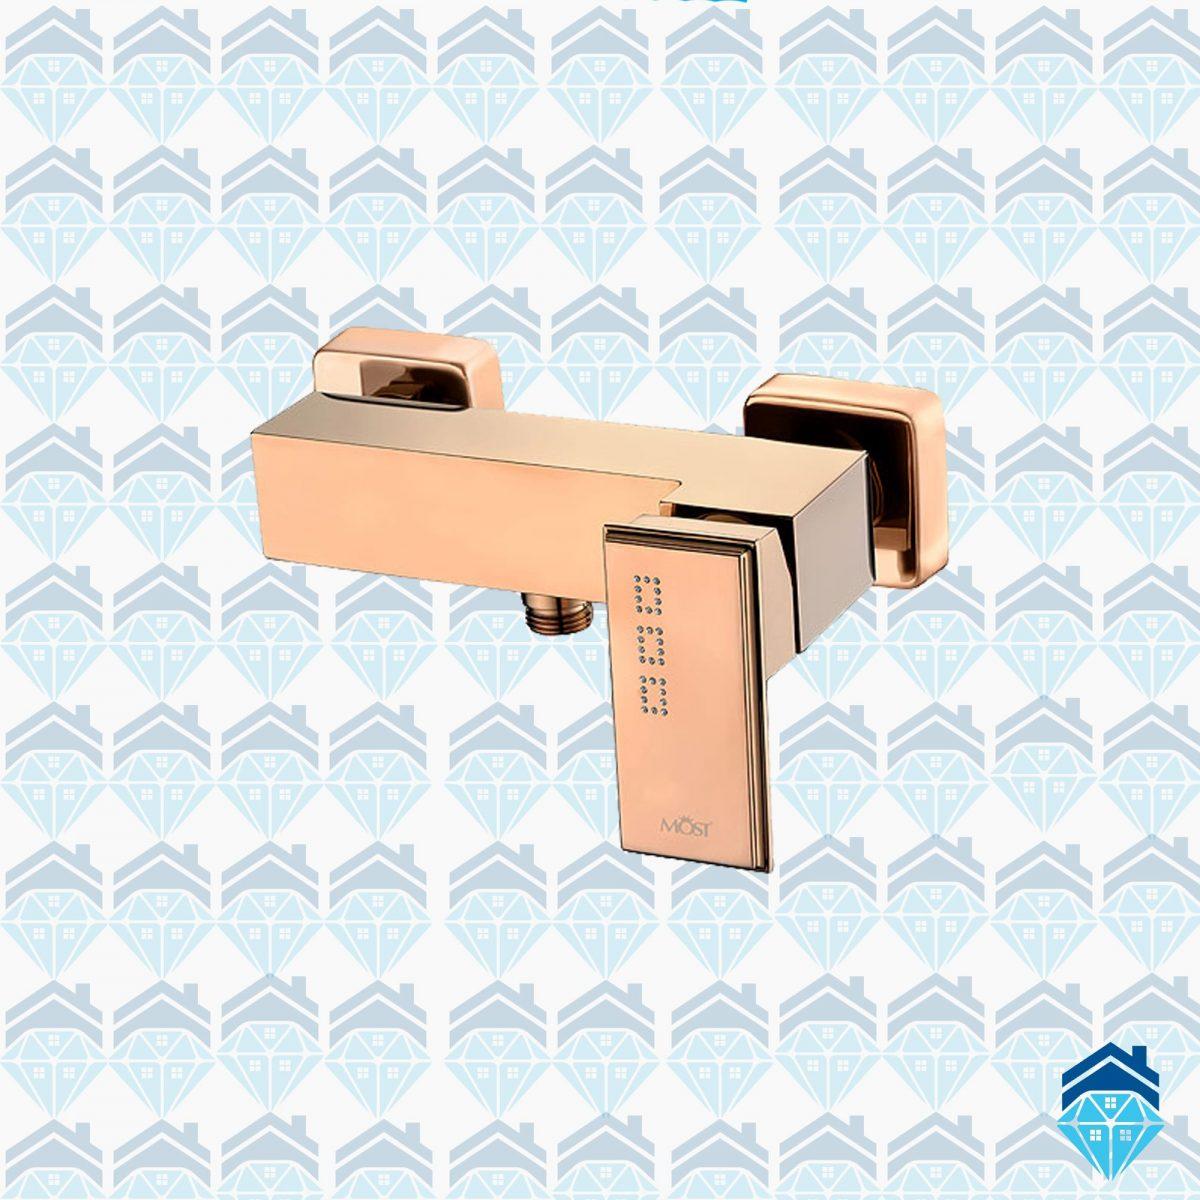 شیر توالت موست مدل اتریش رزگلد